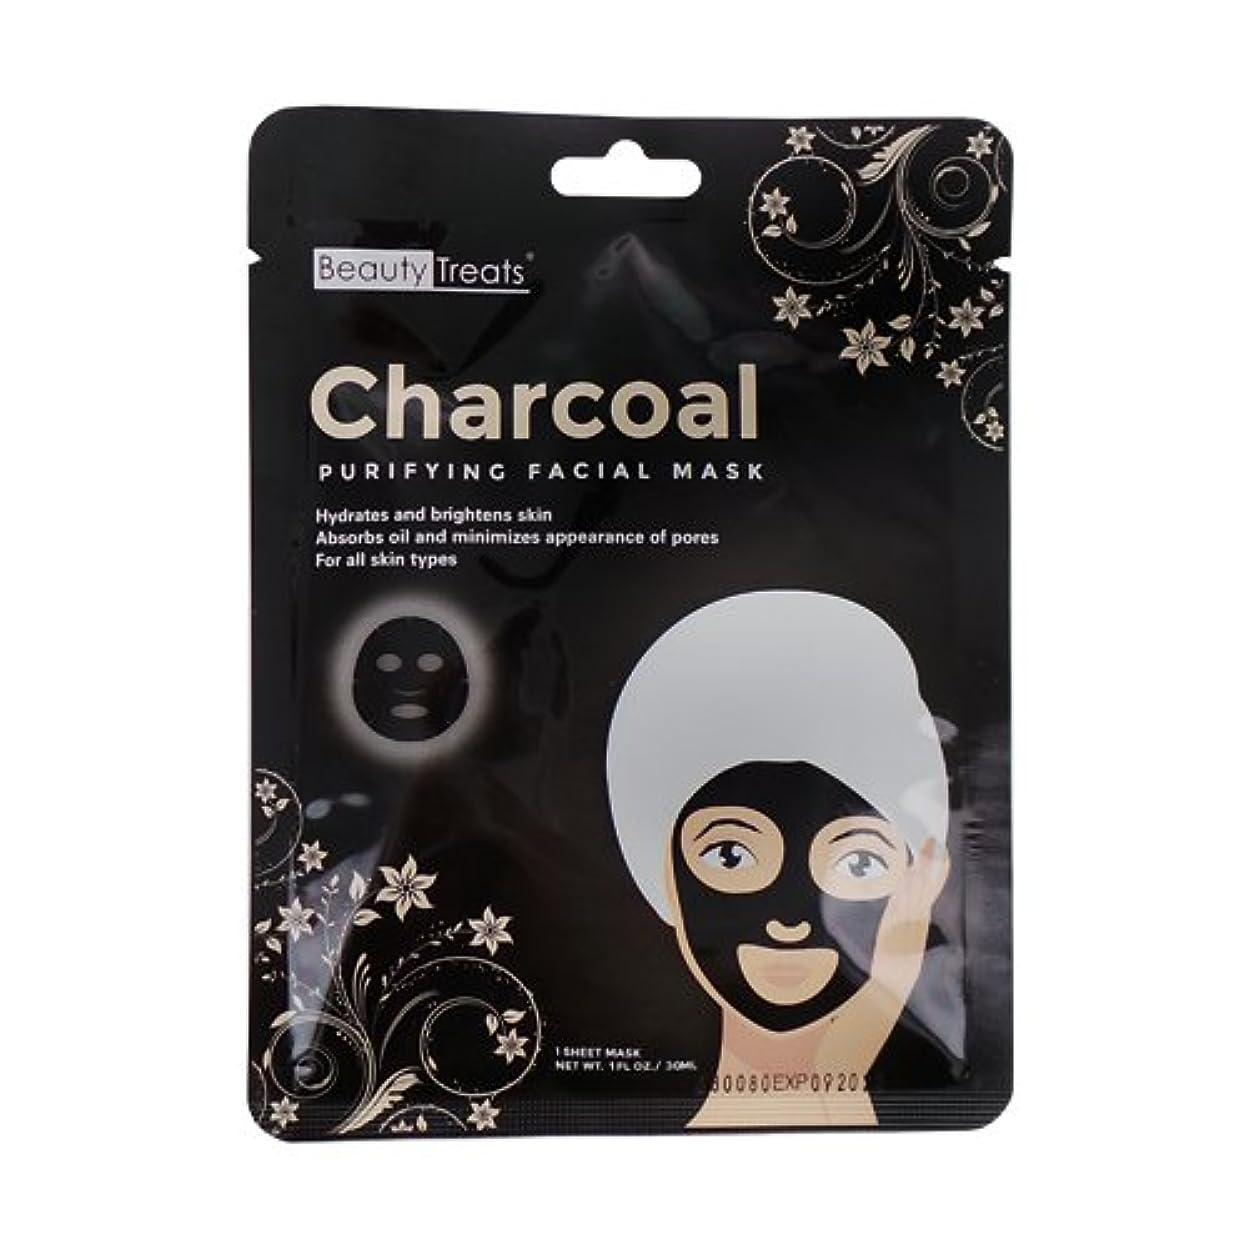 発生器契約吹きさらし(6 Pack) BEAUTY TREATS Charcoal Purifying Facial Mask (並行輸入品)